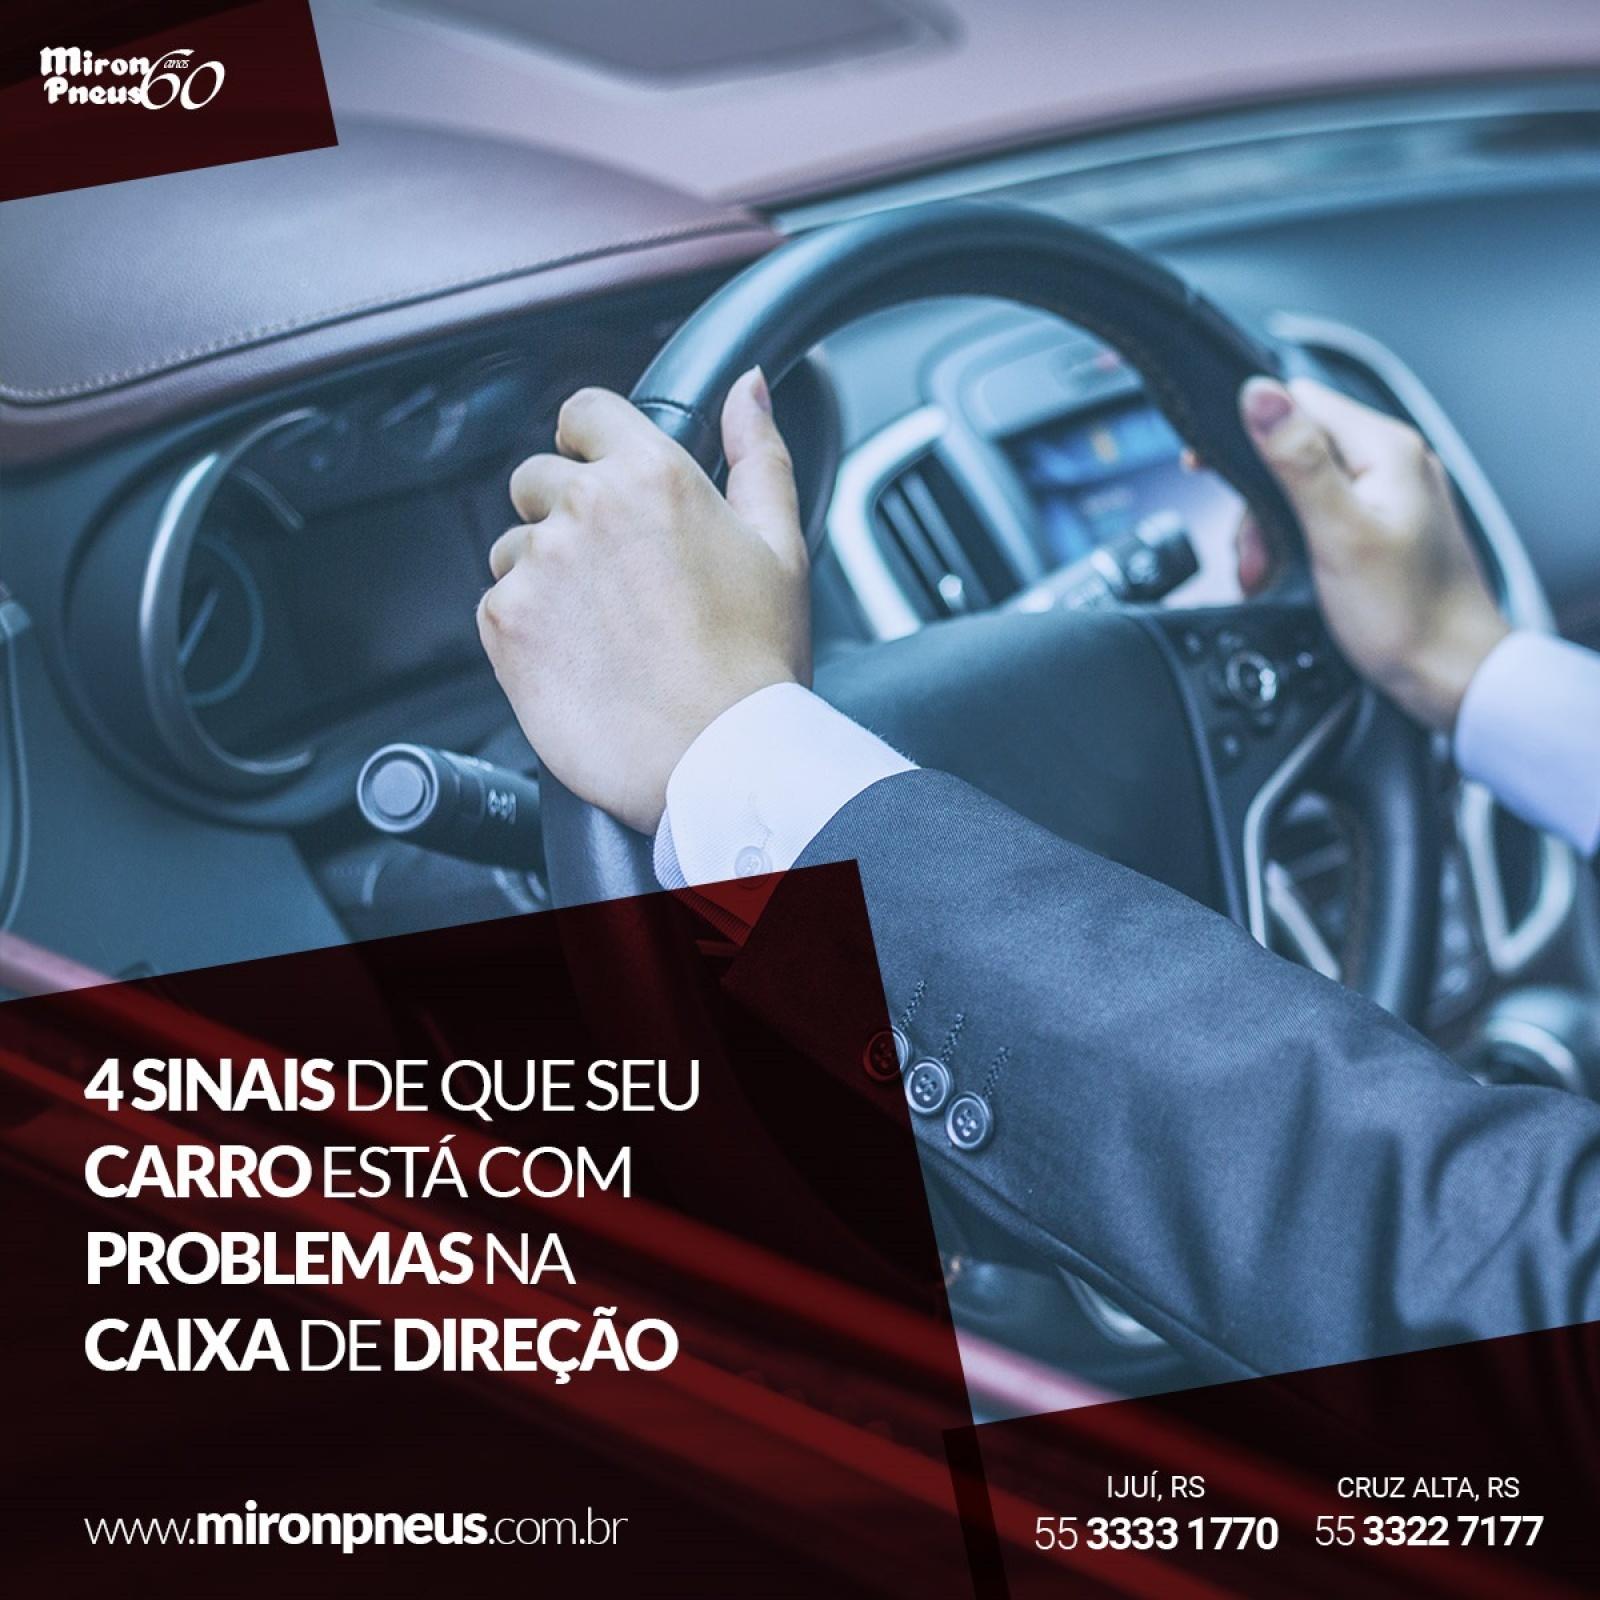 4 sinais de que seu carro está com problema na caixa de direção